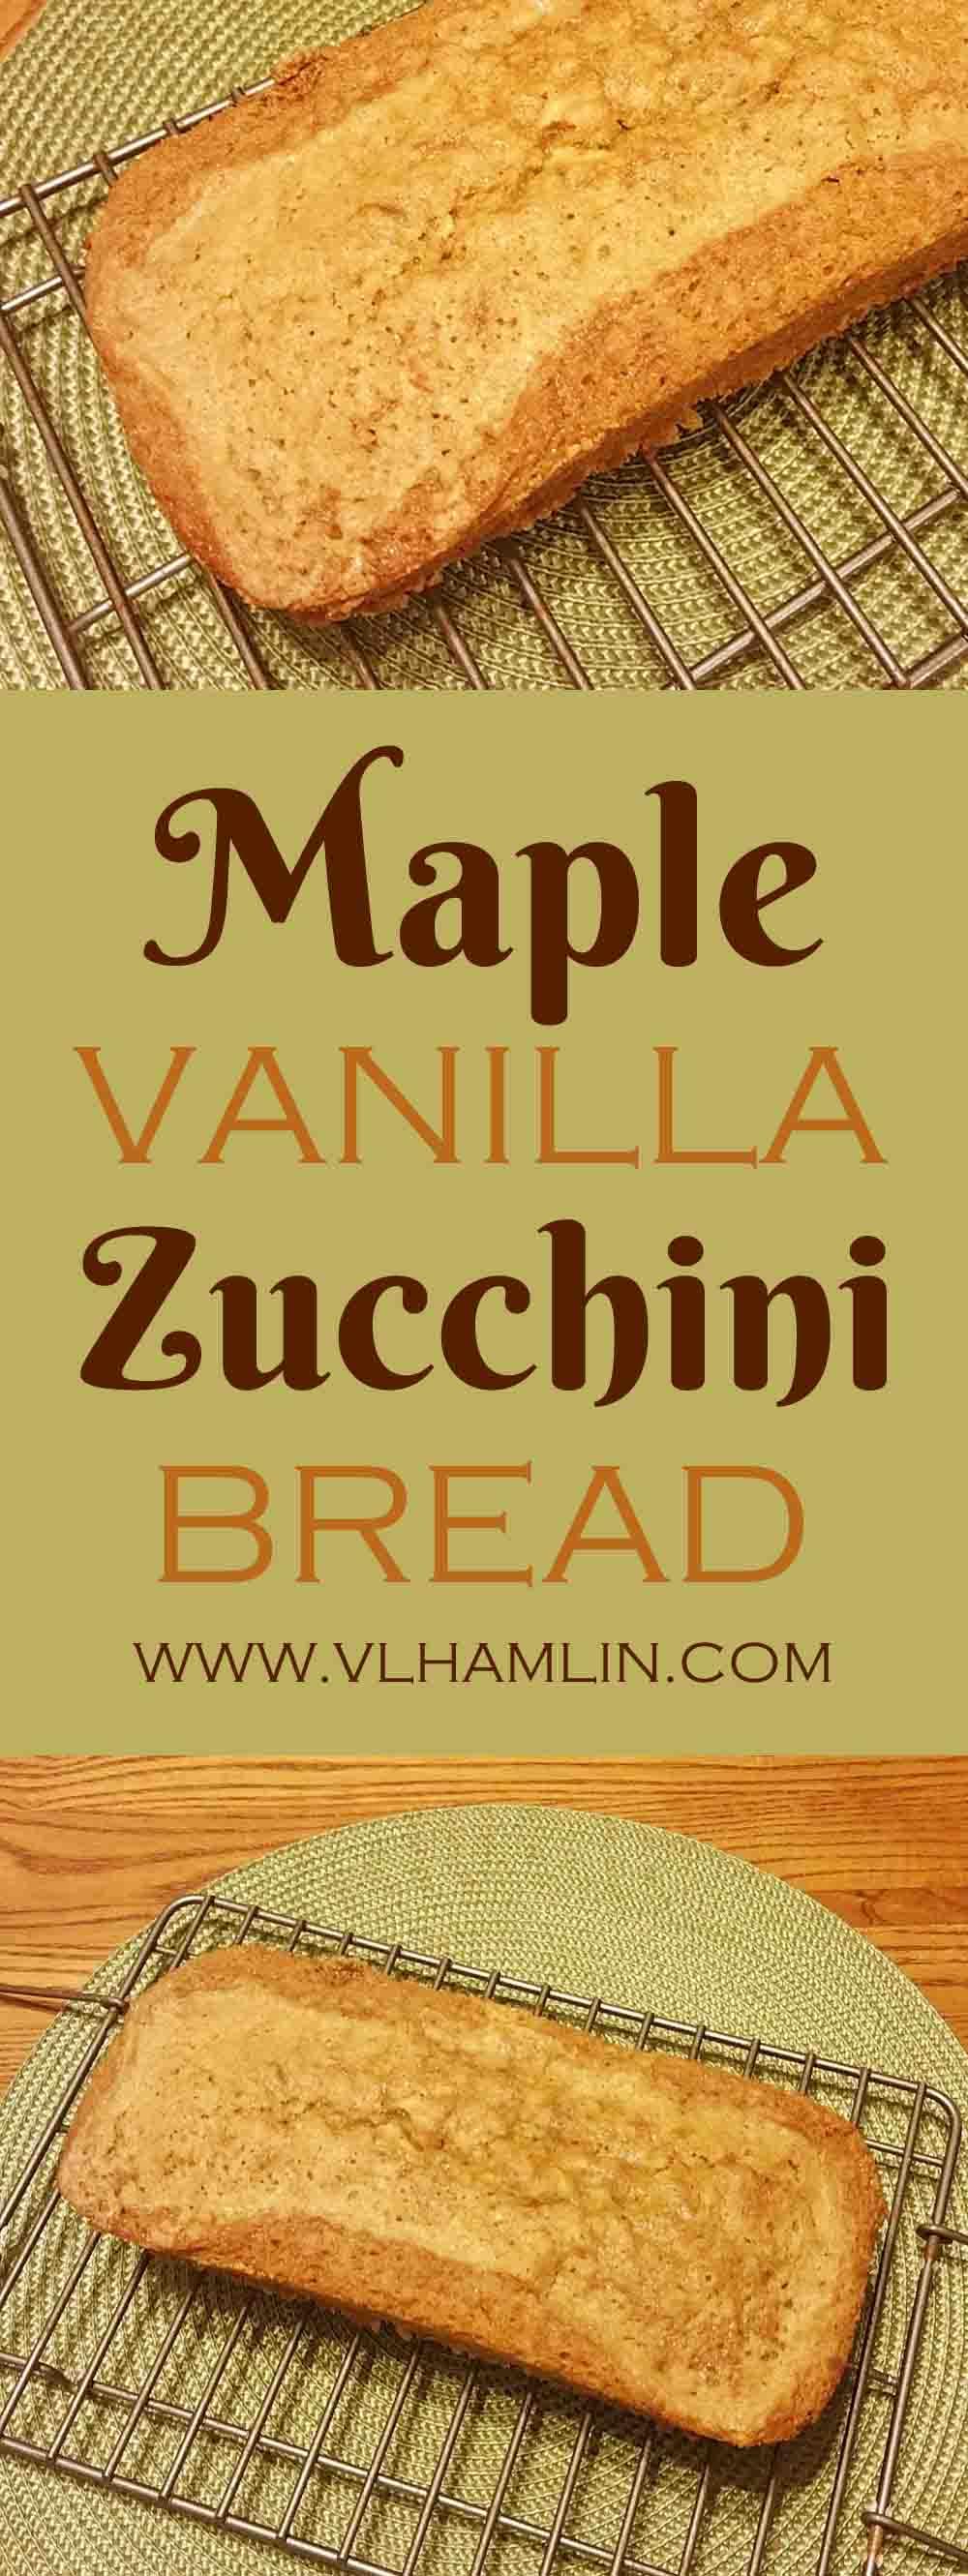 Maple Vanilla Zucchini Bread